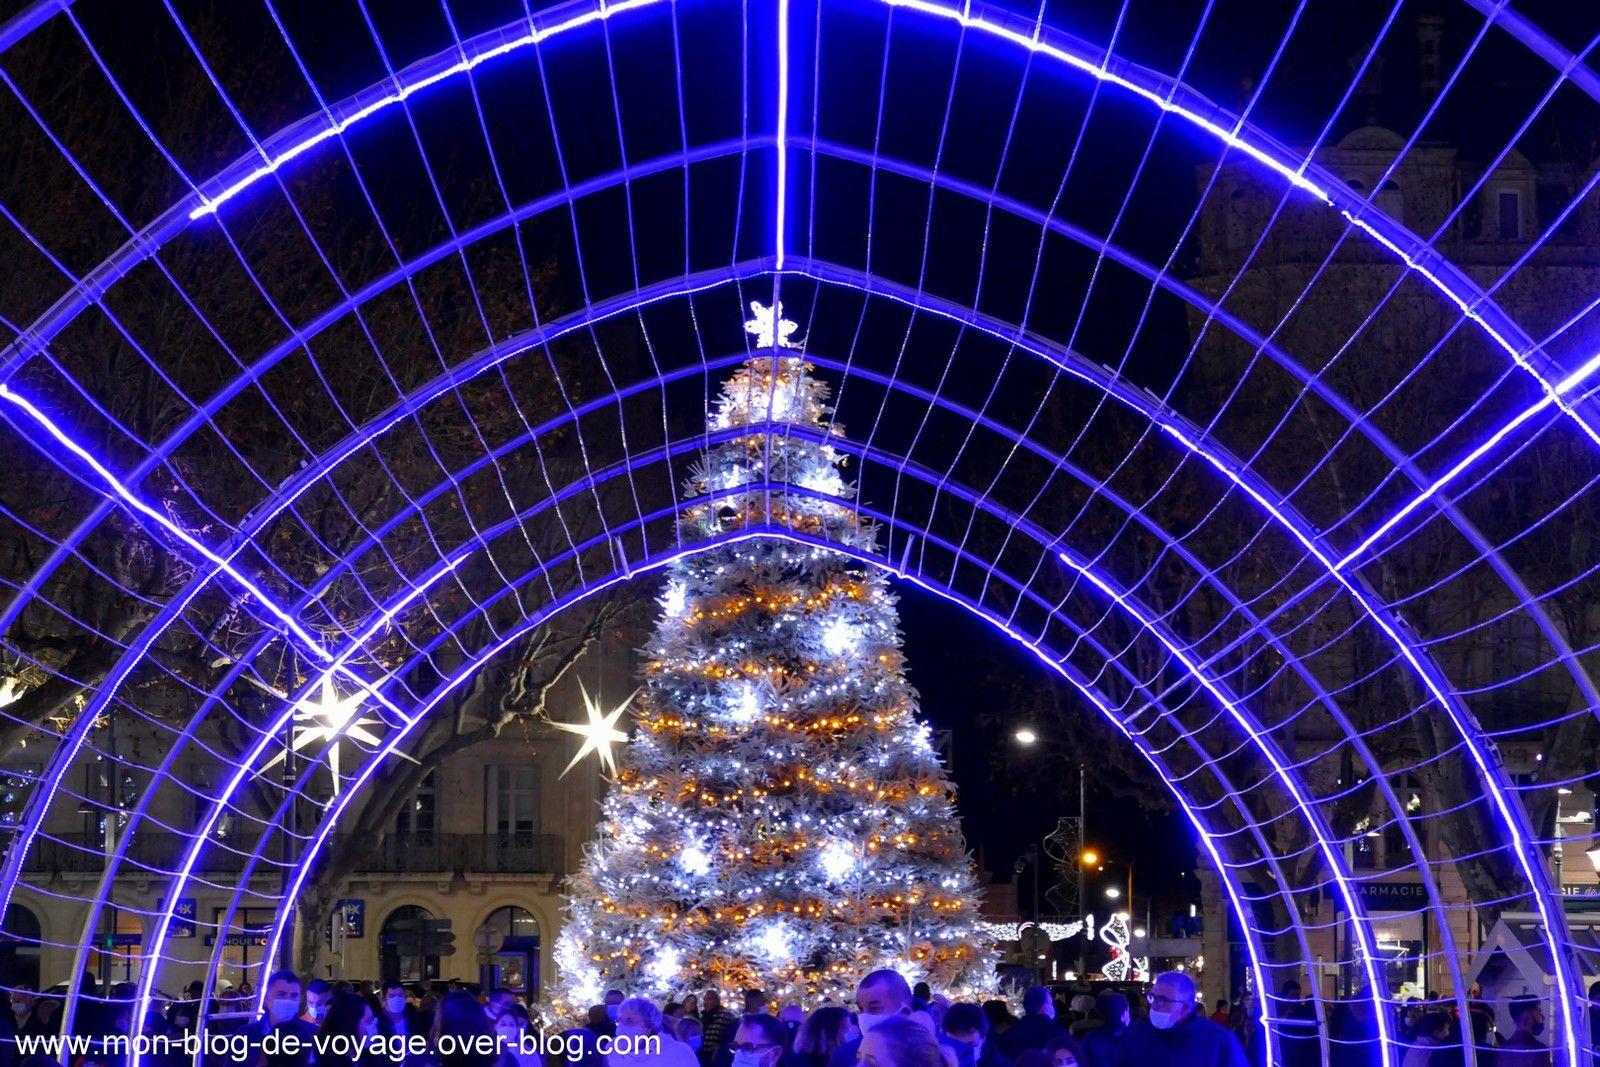 Un immense tunnel lumineux et un drôle de bestiaire de Noel ont investi la place Jean Jaurès (décembre 2020, images personnelles)